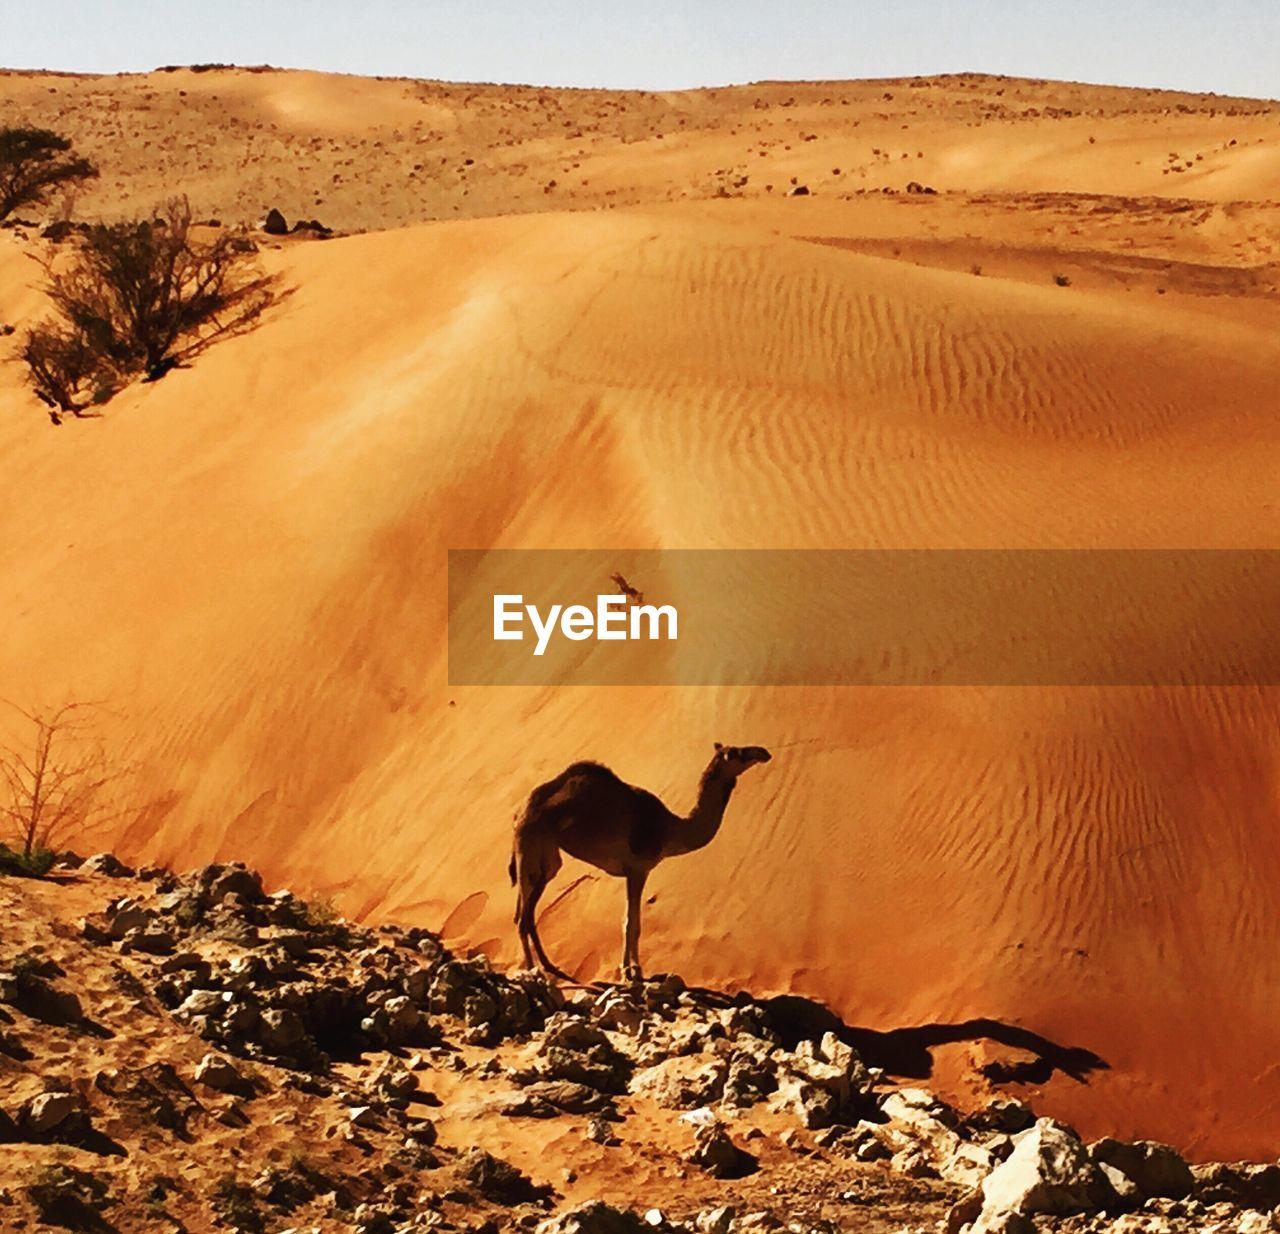 SCENIC VIEW OF DESERT AGAINST SUNSET